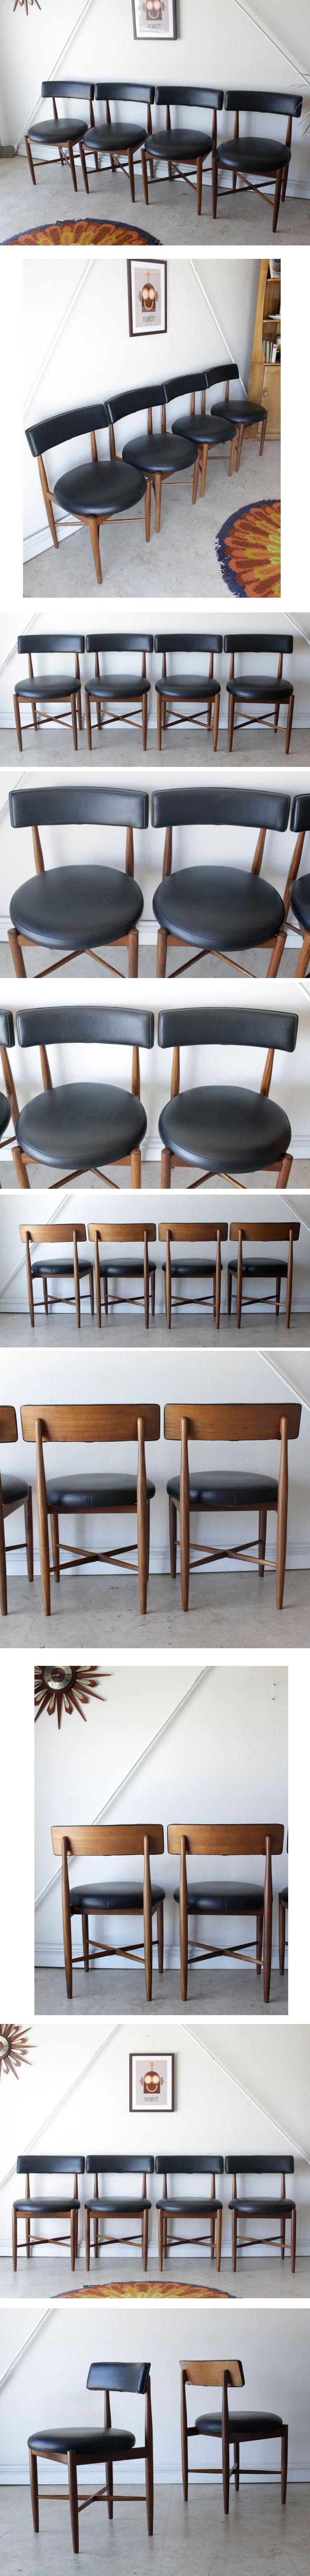 G-planジープラン・フレスコ・ダイニングチェア4脚セット・ビンテージ・チーク北欧家具